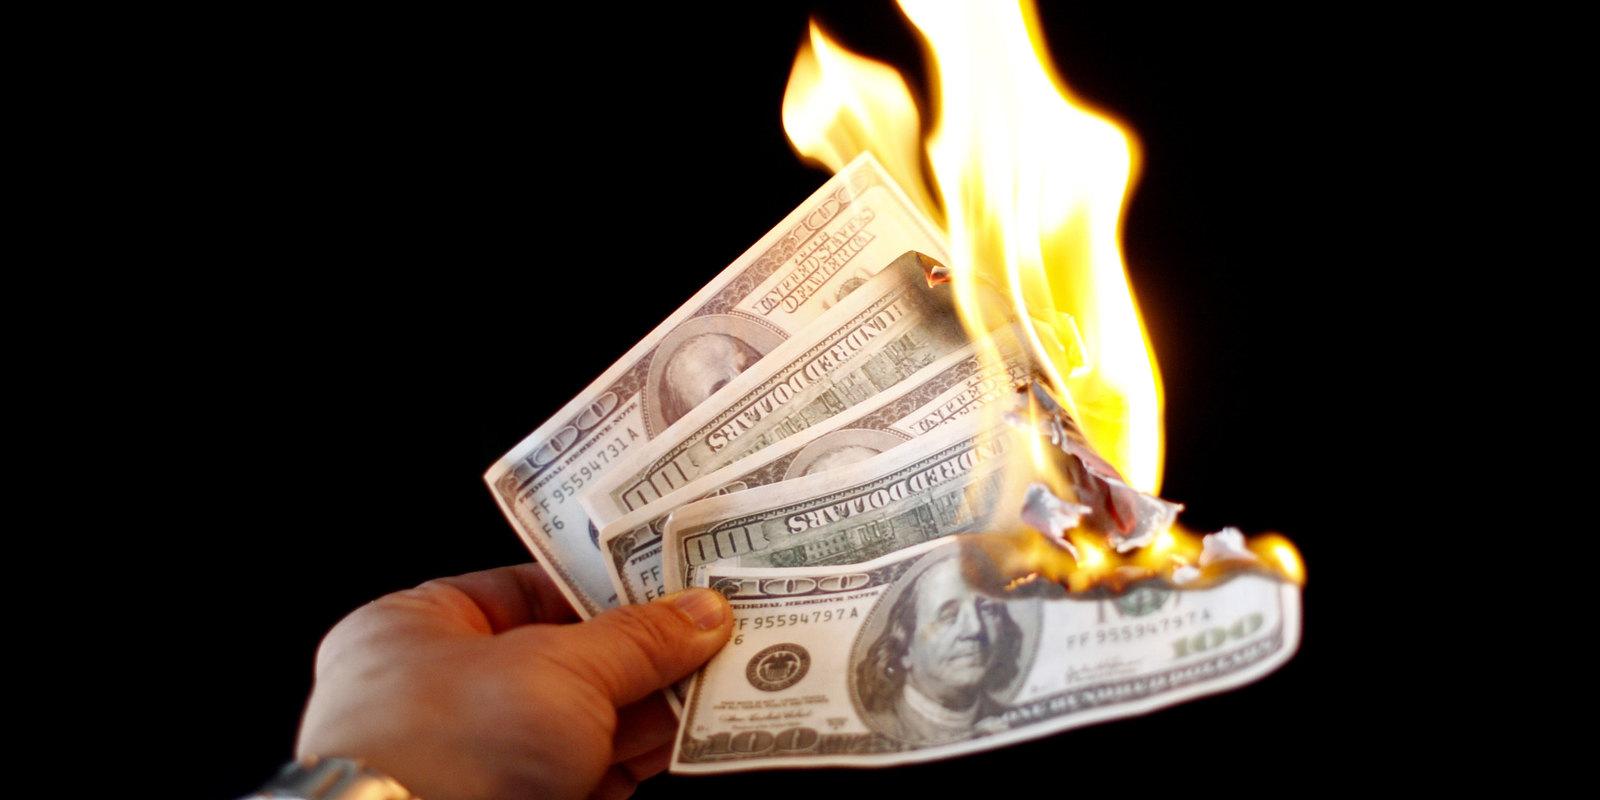 bitcoin bot trading strategies handel mit bitcoins gegen bargeld